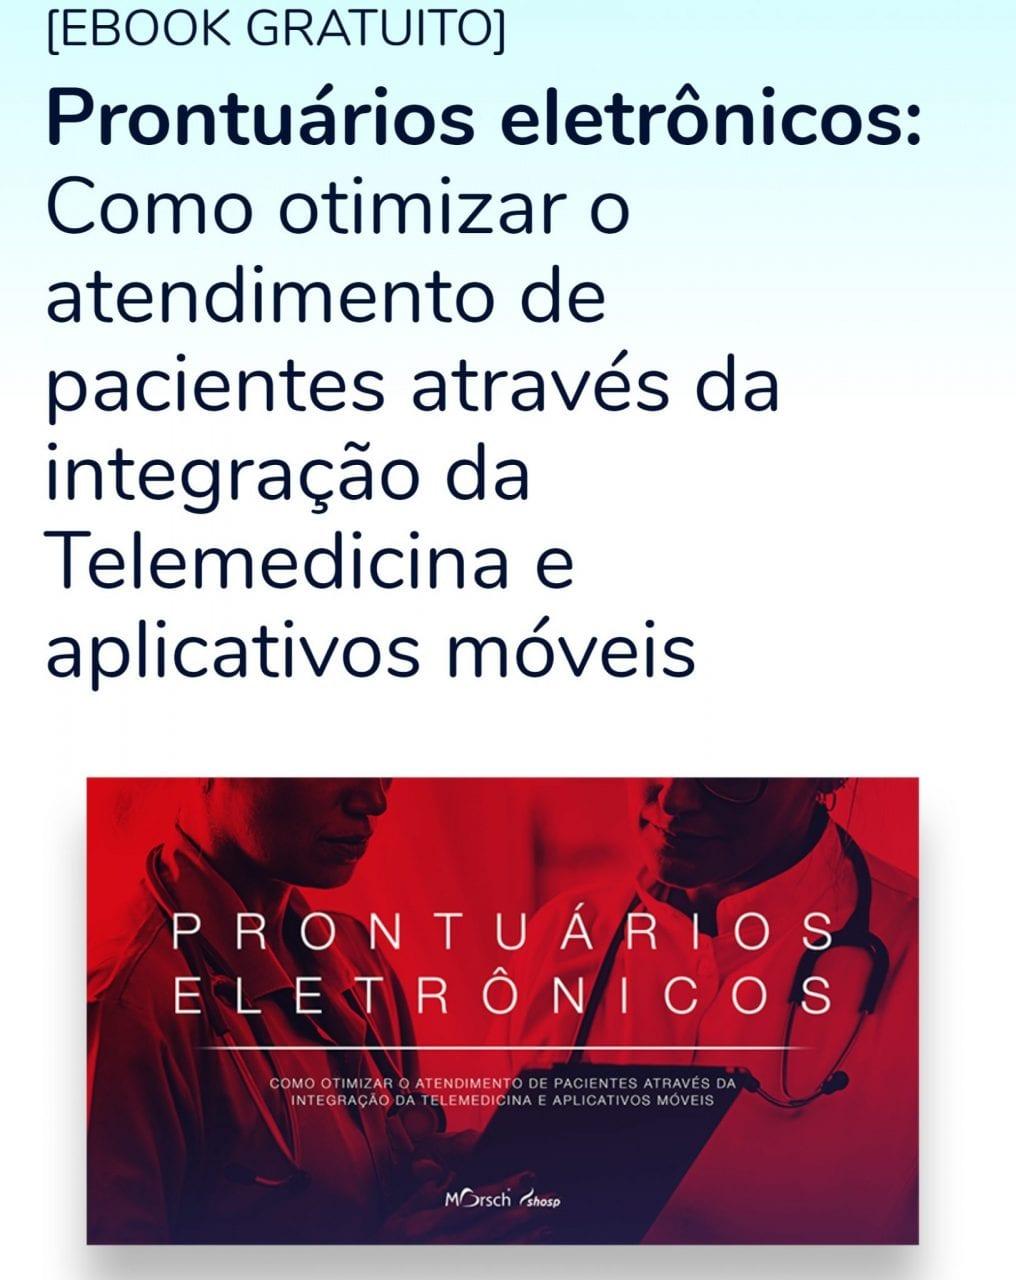 e-book prontuário eletrônico